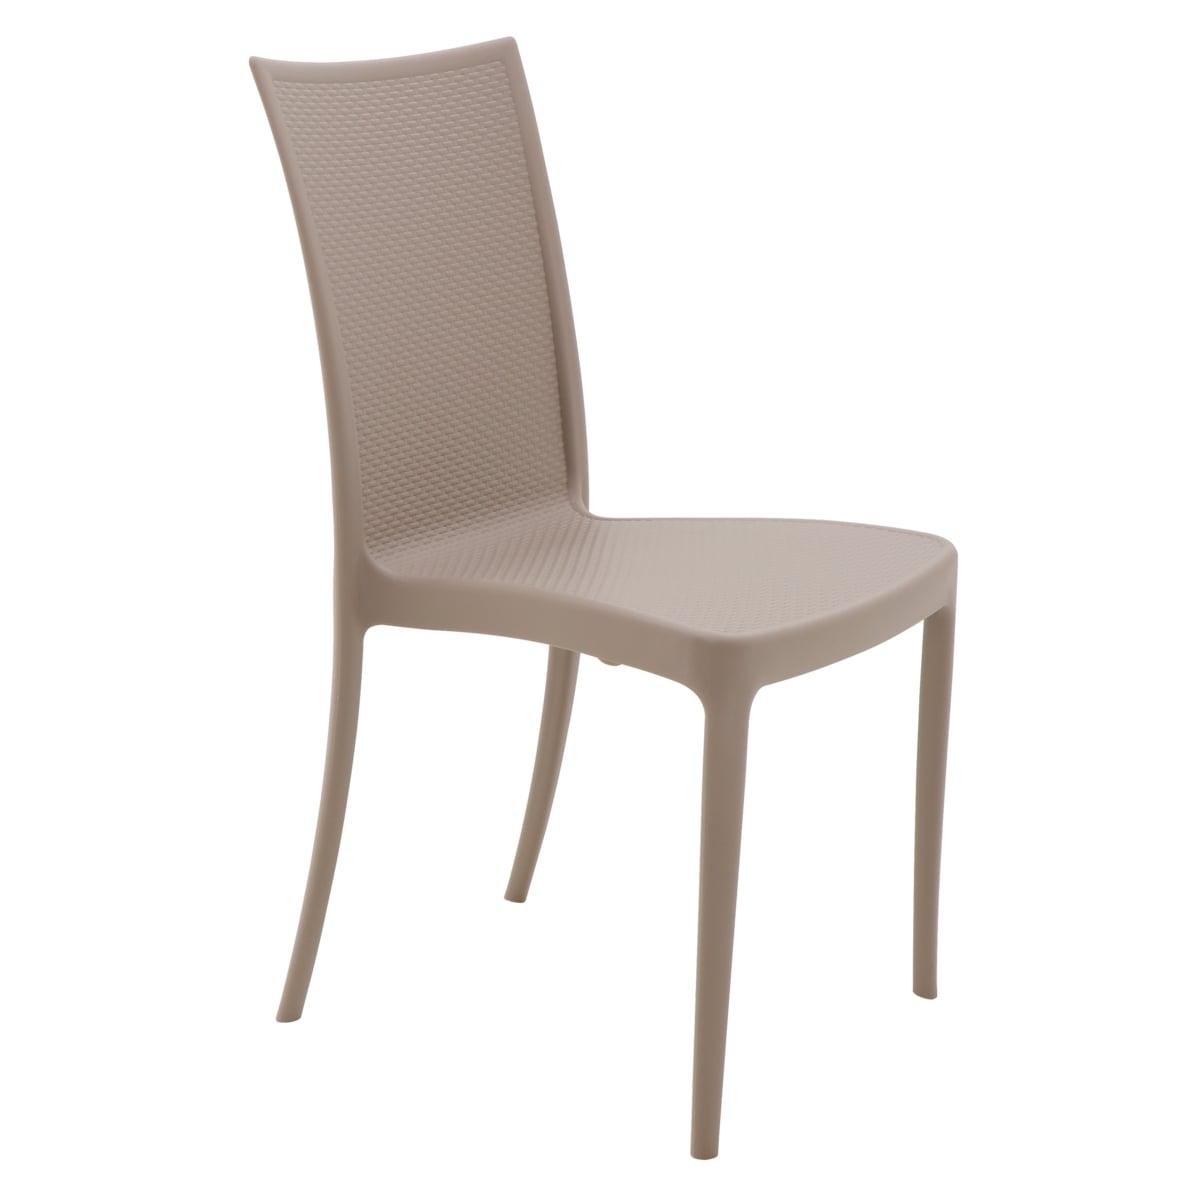 Cadeira Tramontina Laura Rattan 92032/210 Camurça